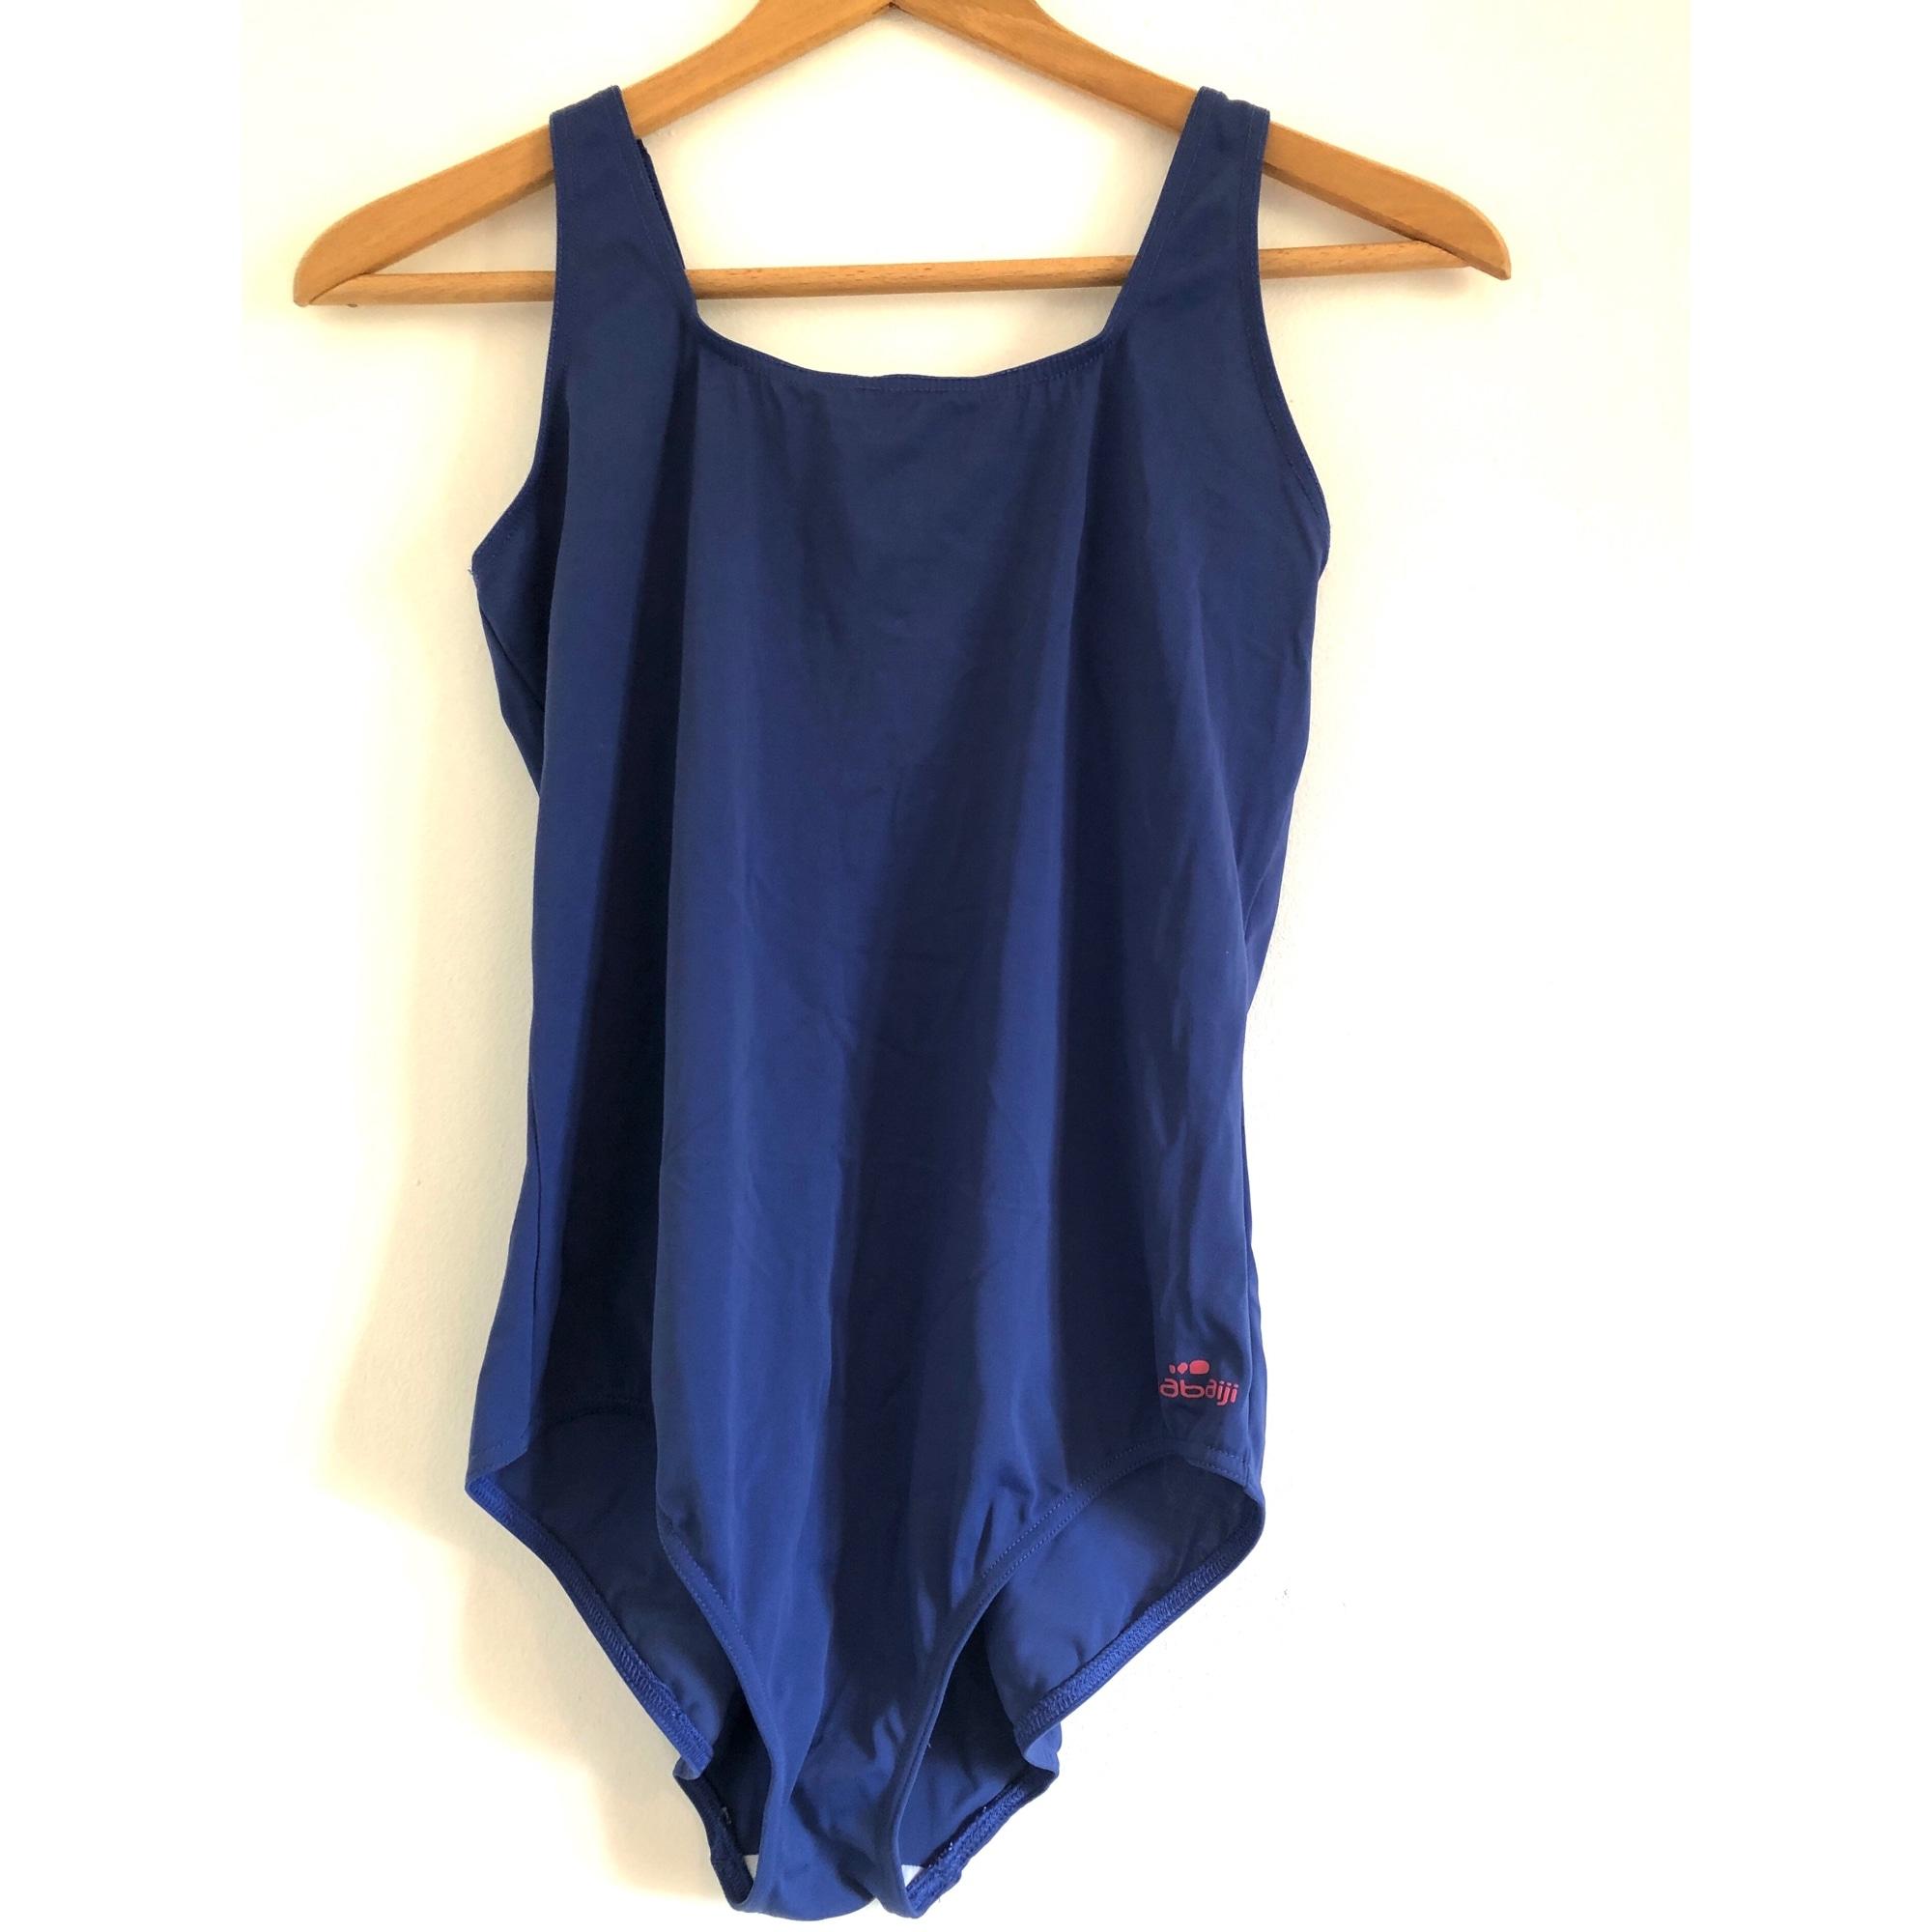 Maillot de bain une-pièce DÉCATHLON Bleu, bleu marine, bleu turquoise